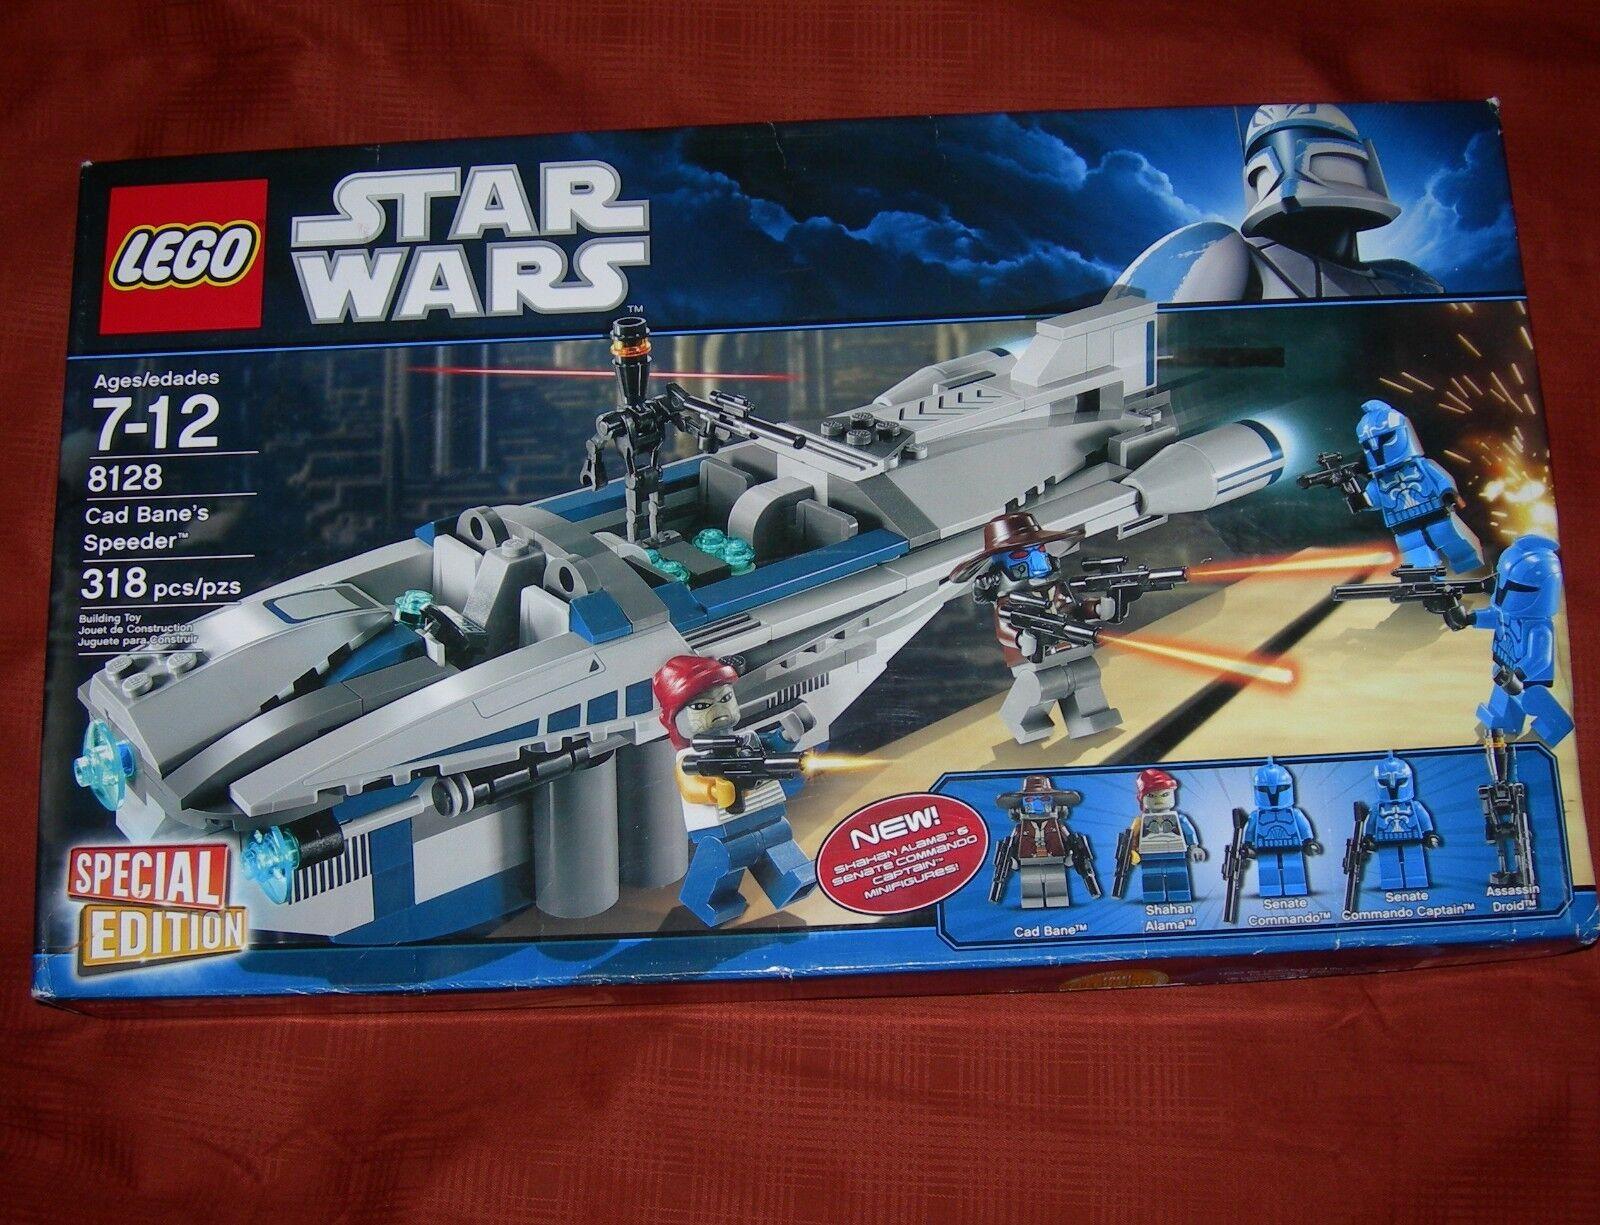 LEGO Set 8128 Star Wars Cad Bane's Speeder RETIrosso Special Edition MISB